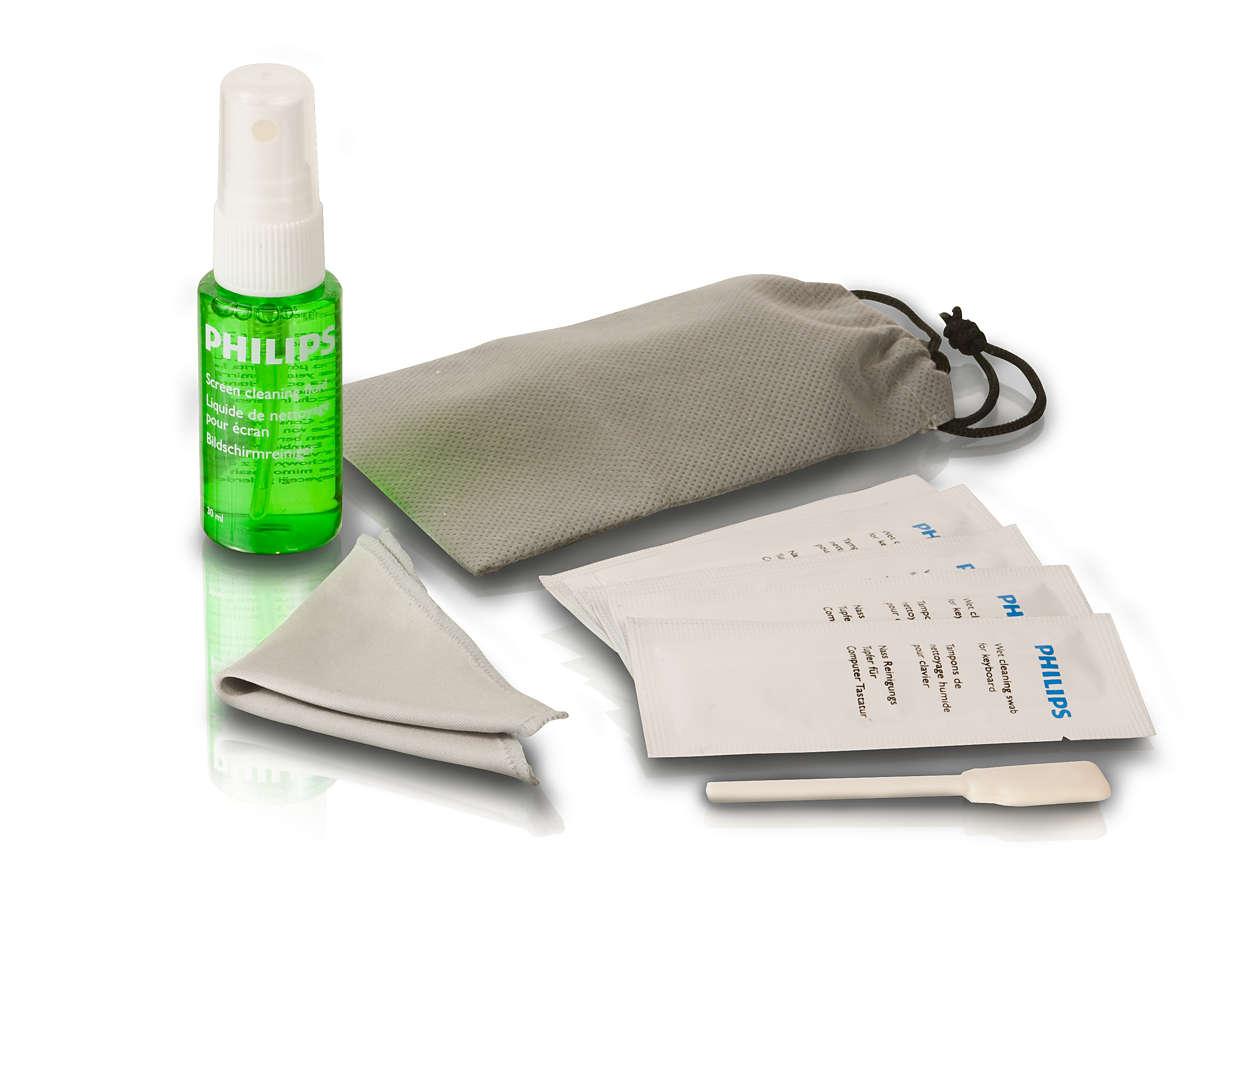 Laptopok és mobil készülékek képernyőinek tisztításához